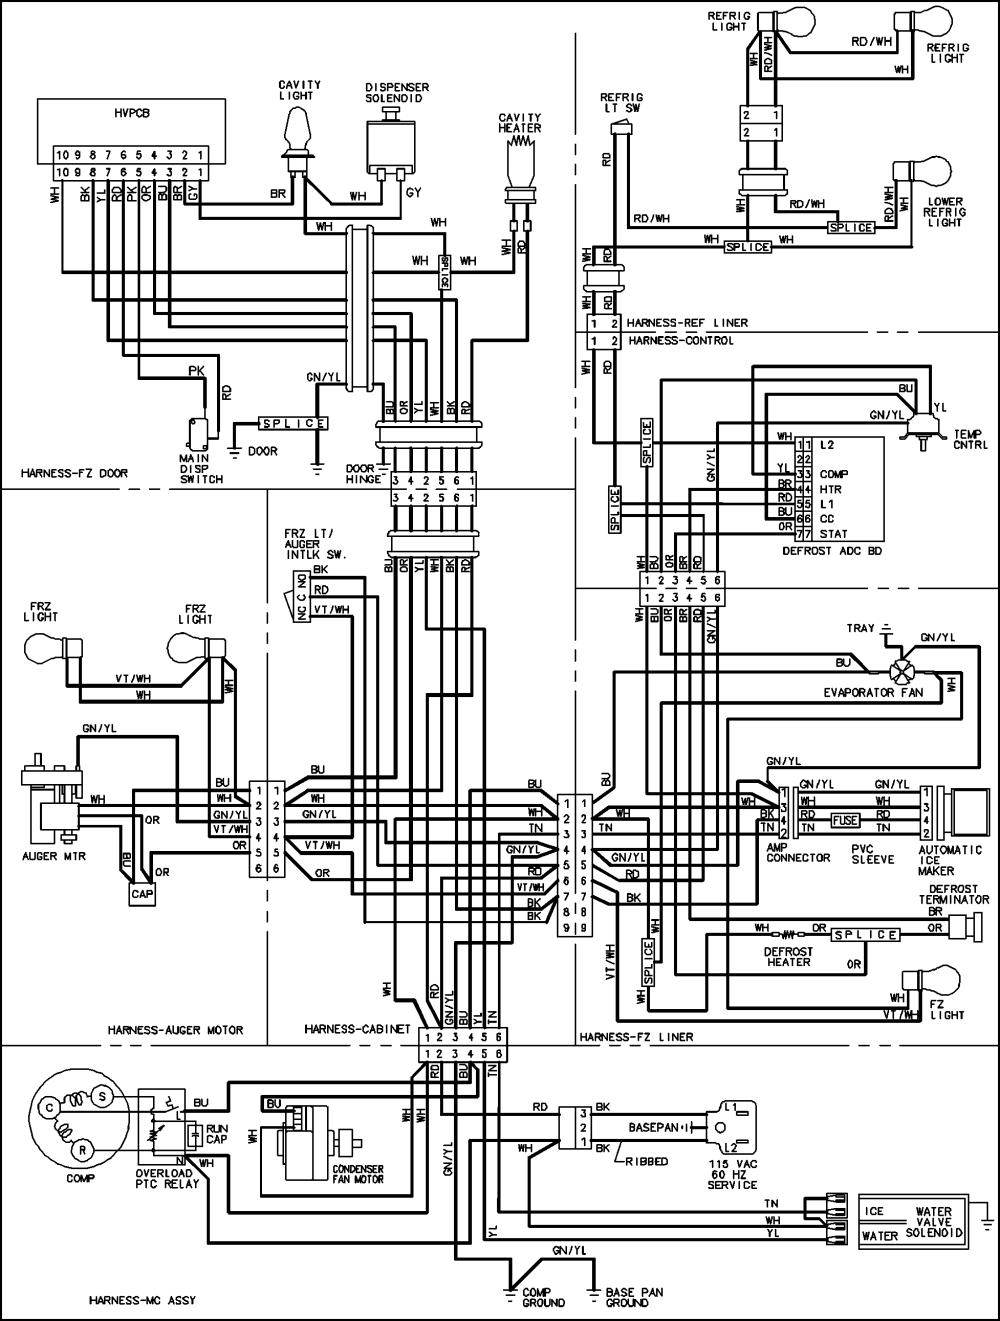 medium resolution of maytag washer wiring schematic